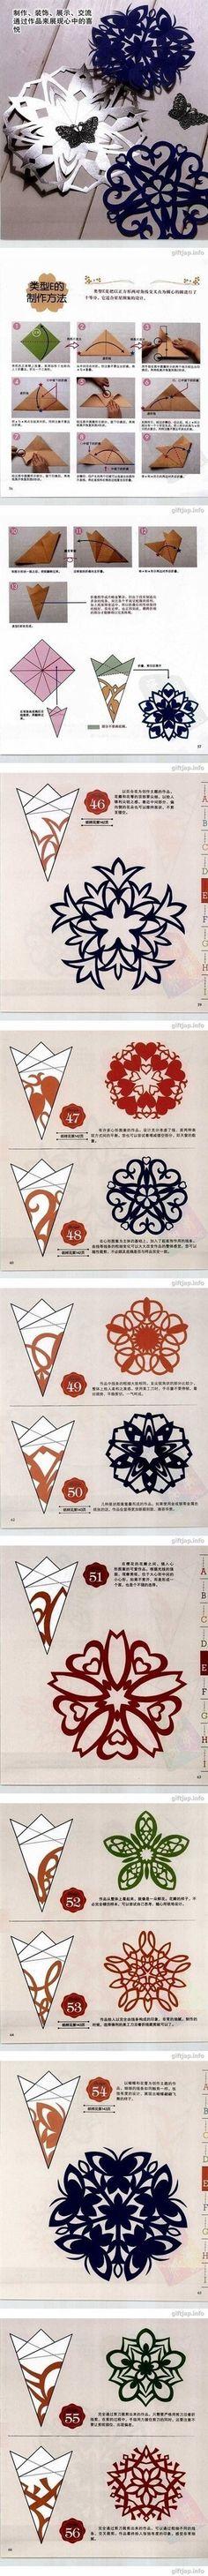 DIY Snowflakes Paper Cutting Tutorial DIY Snowflakes Paper Cutting Tutorial by diyforever